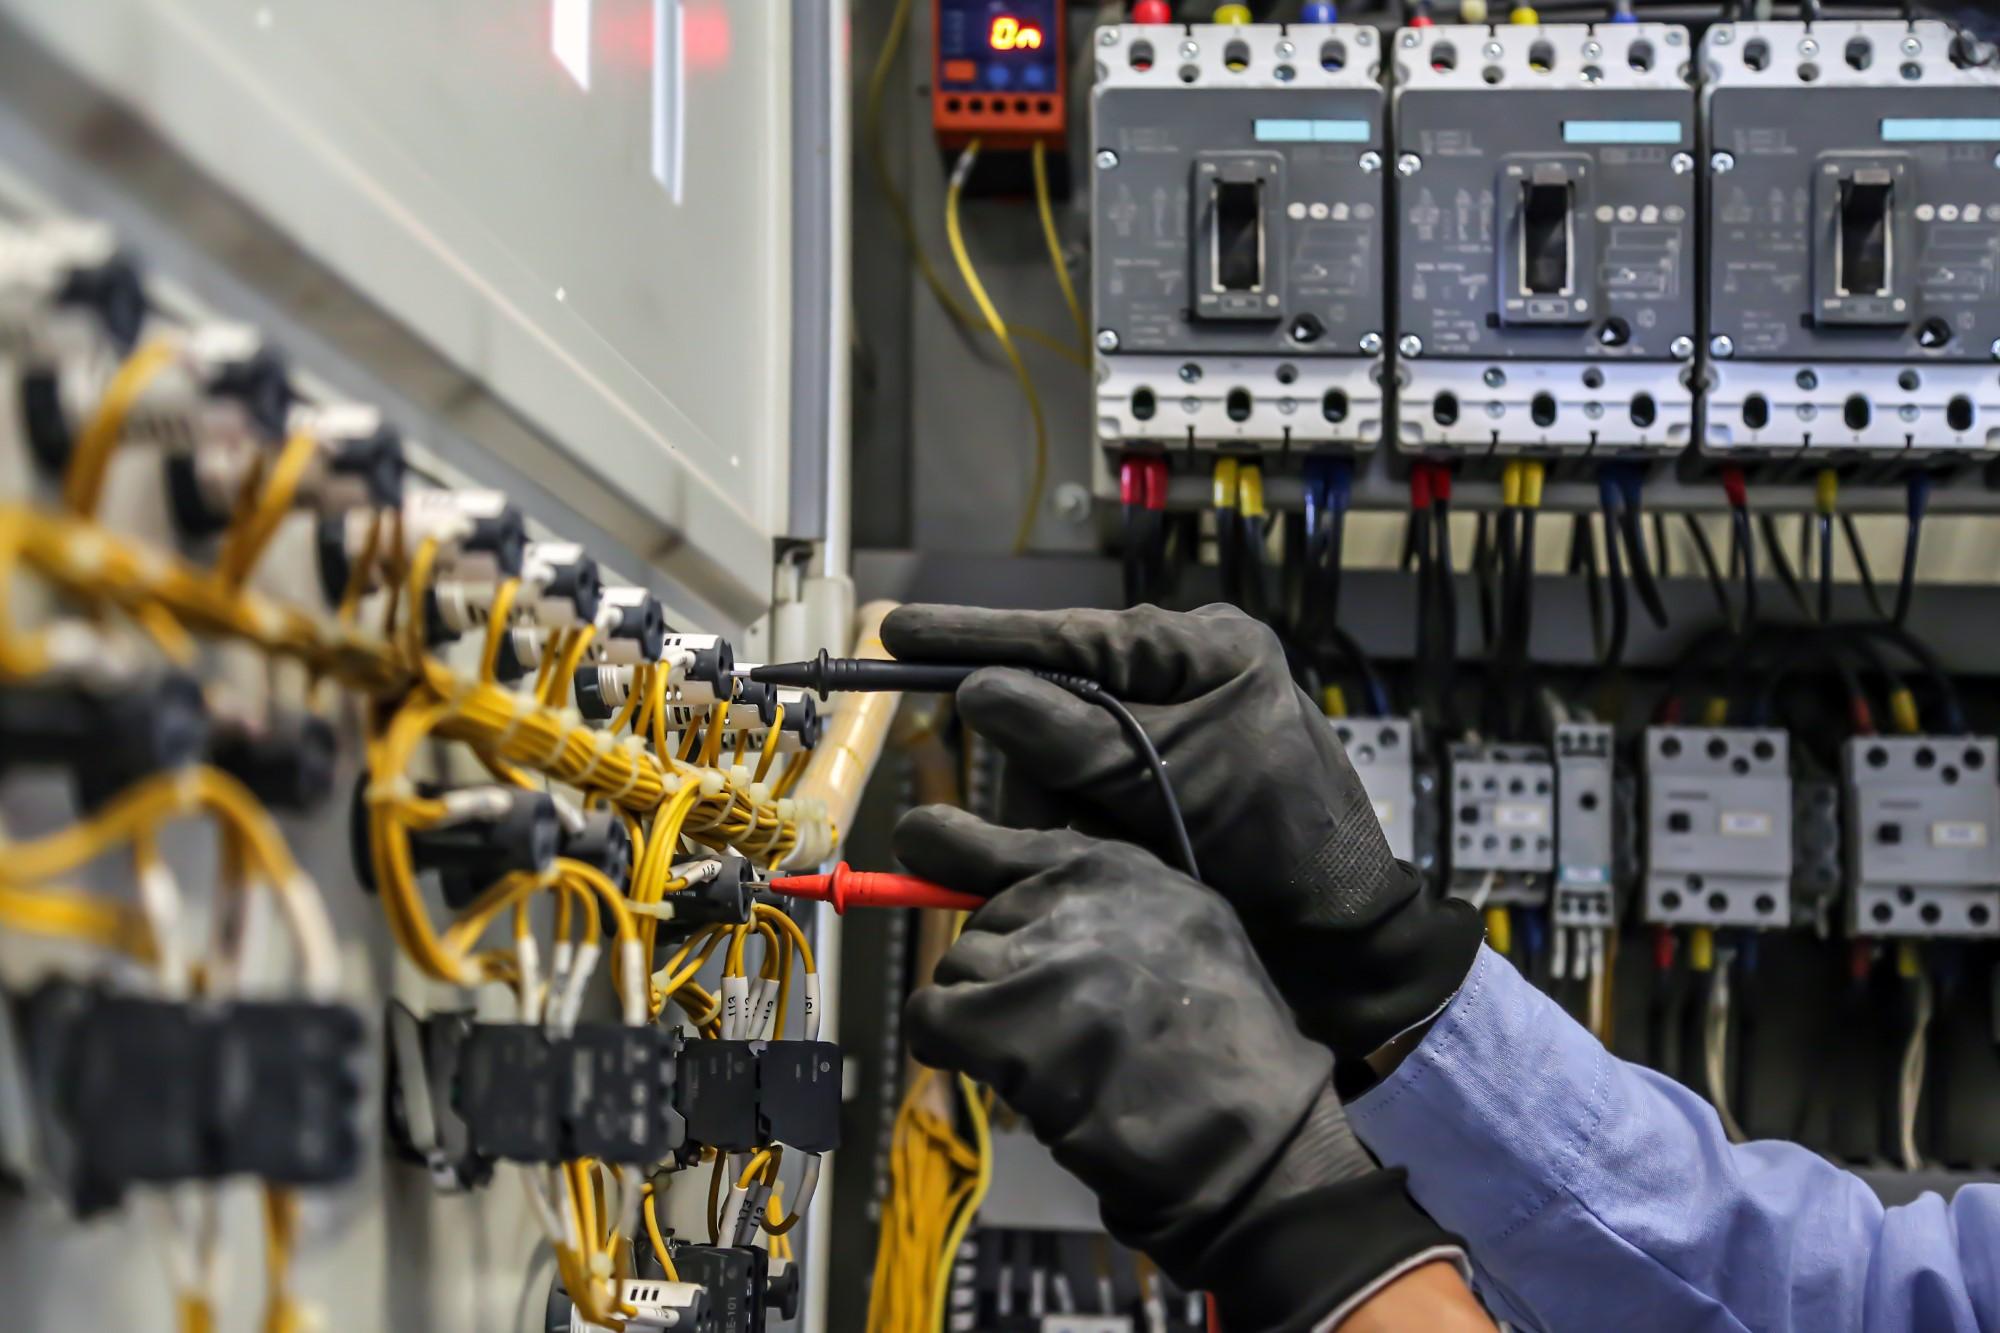 Elektriker arbeitet am Schaltkasten